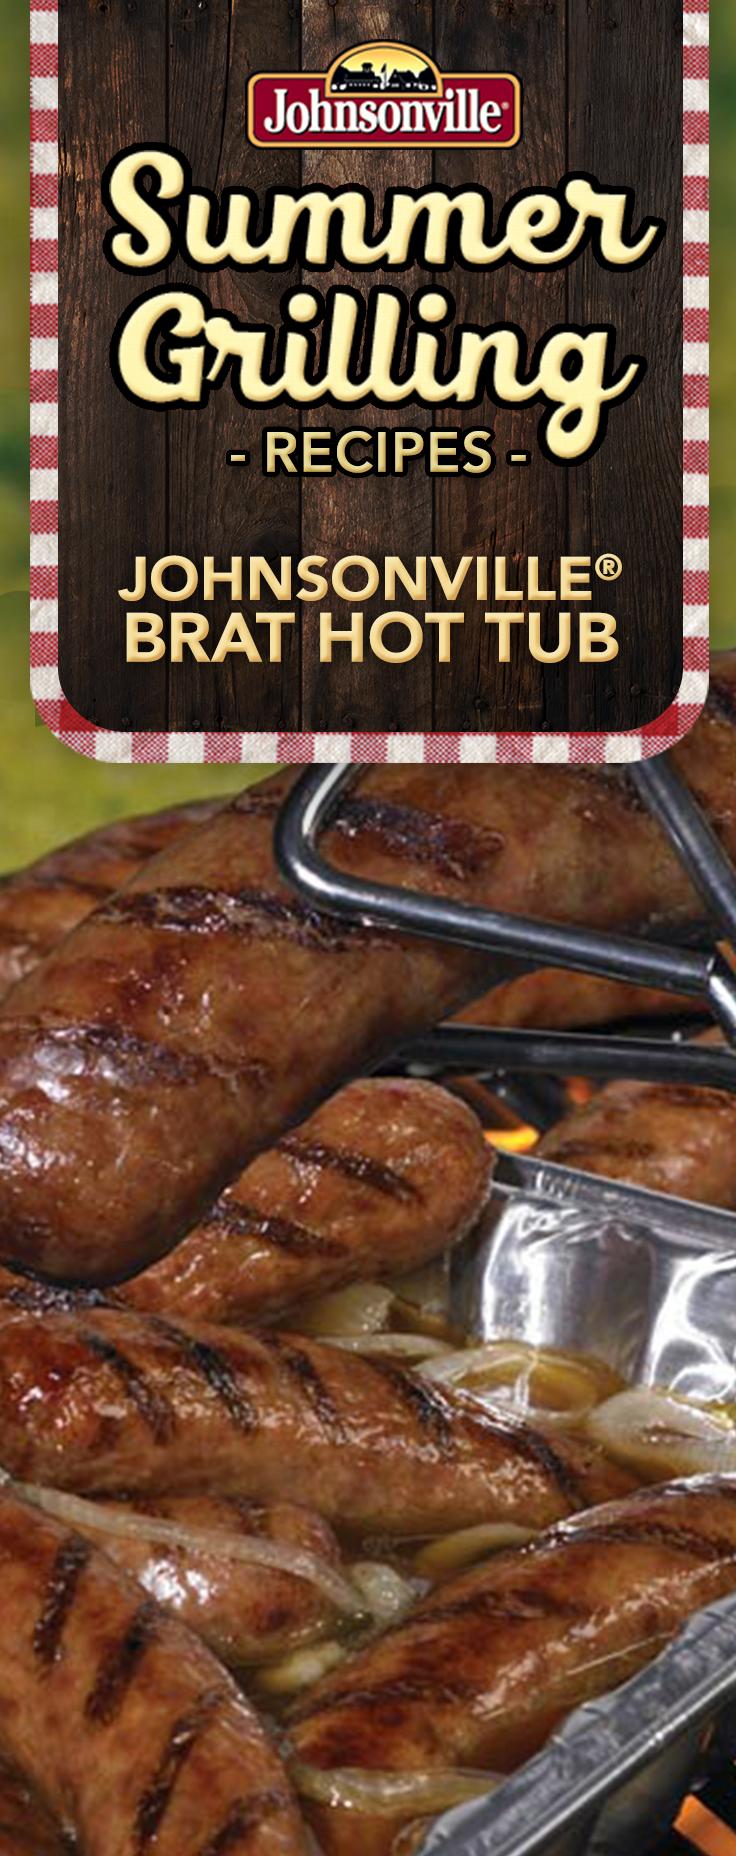 Johnsonville® Brat Hot Tub   Summer grilling recipes ...